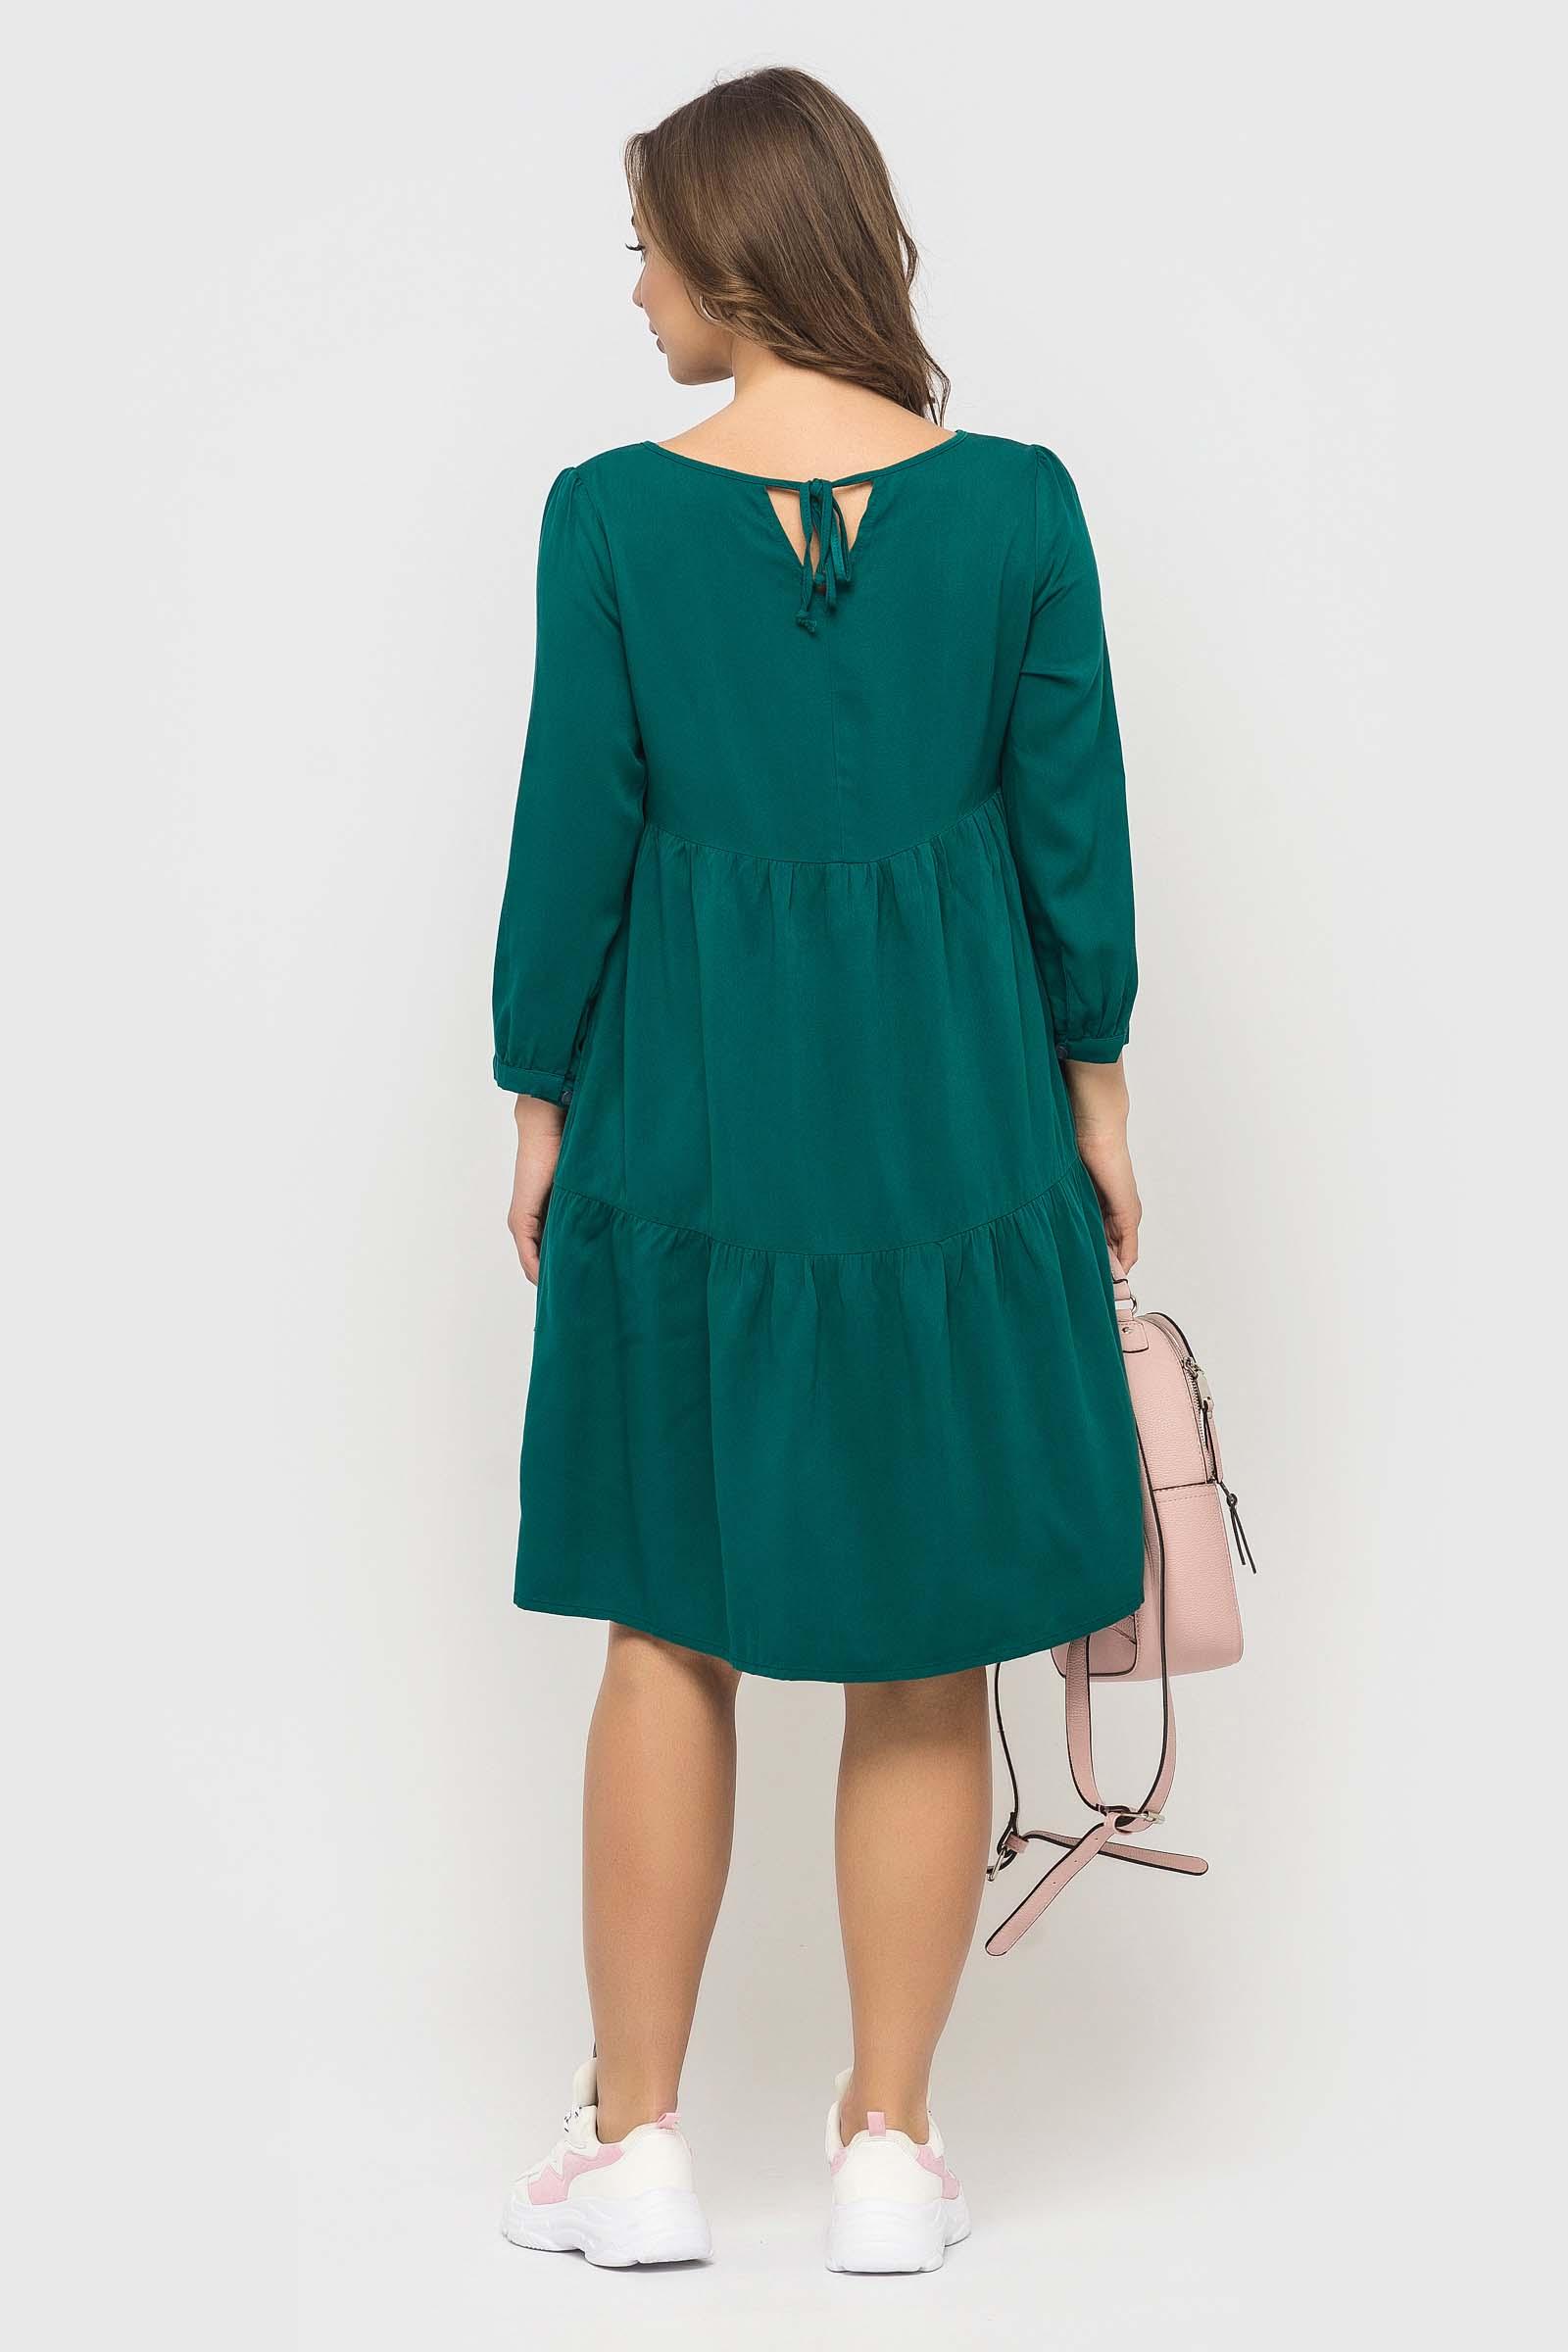 be art 2020 04 07182459 Купить платье